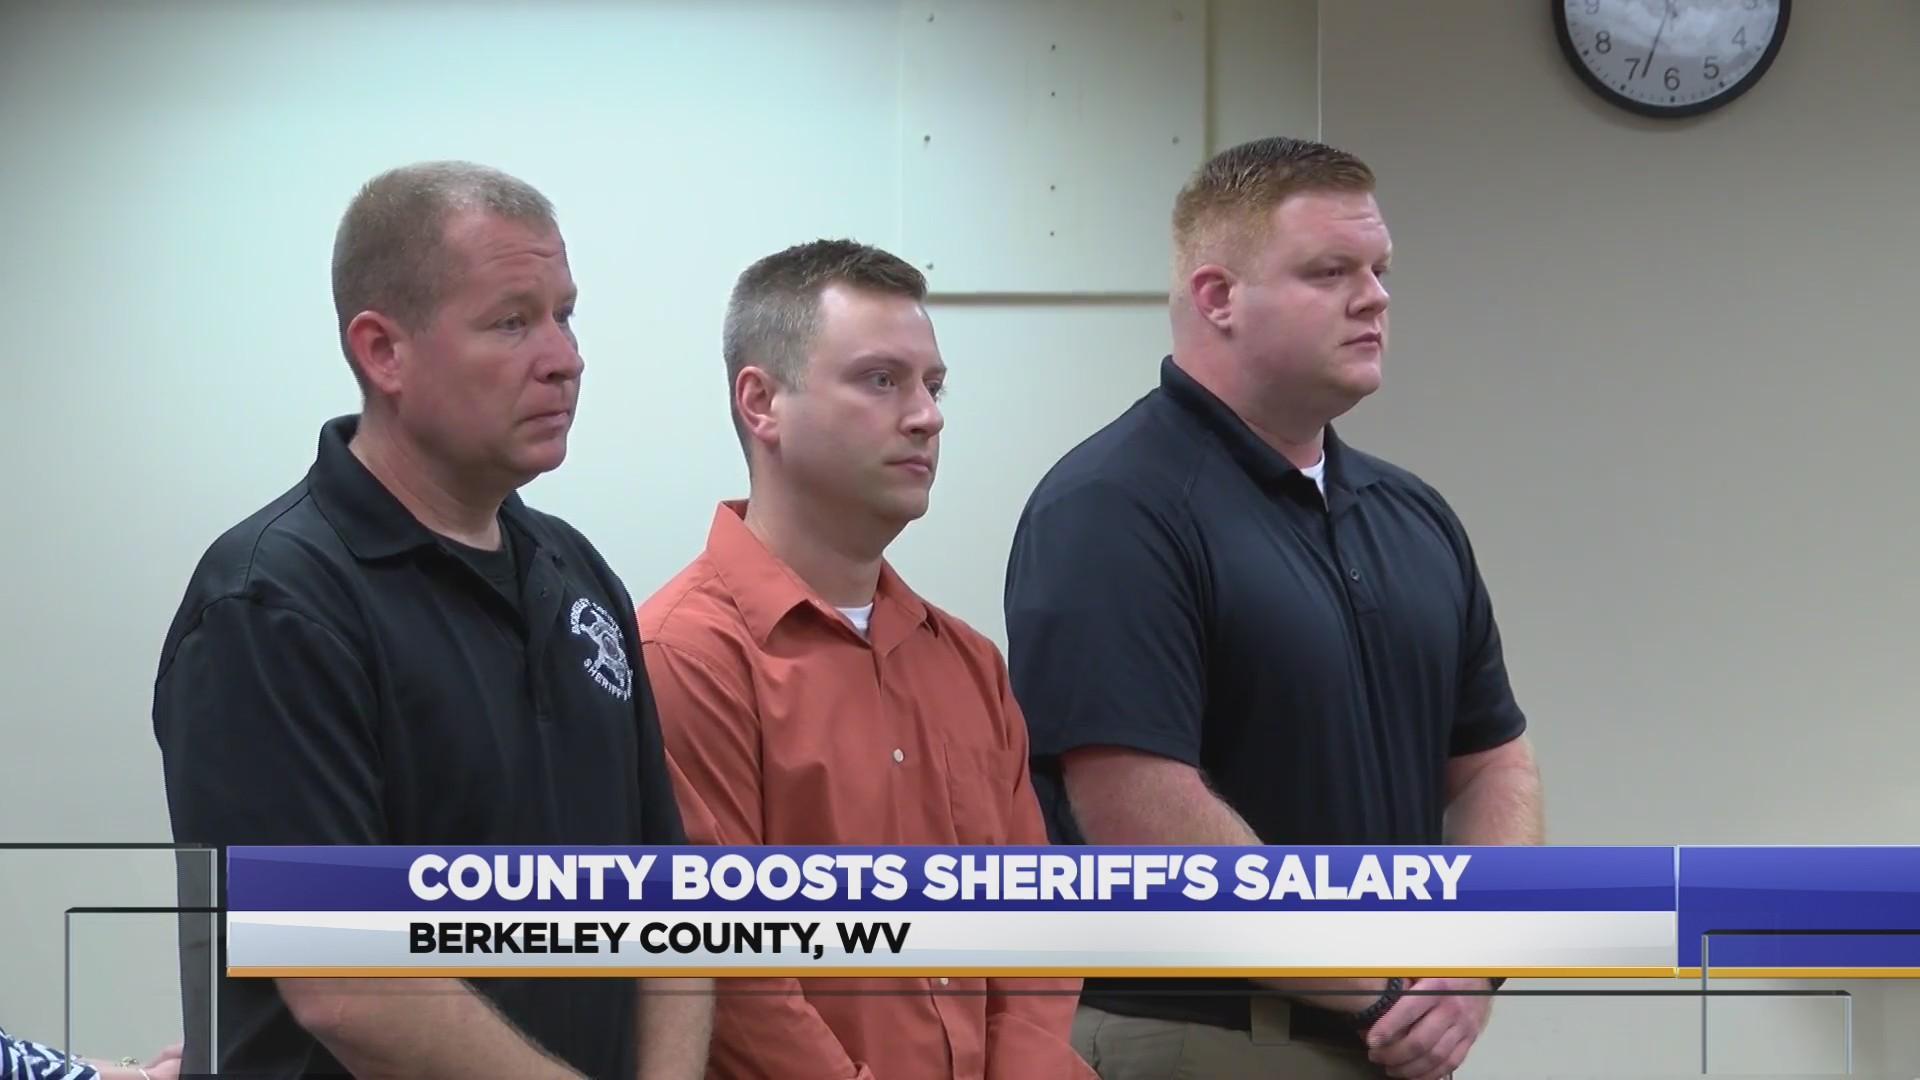 Sheriff_Salaries_0_20180517222336